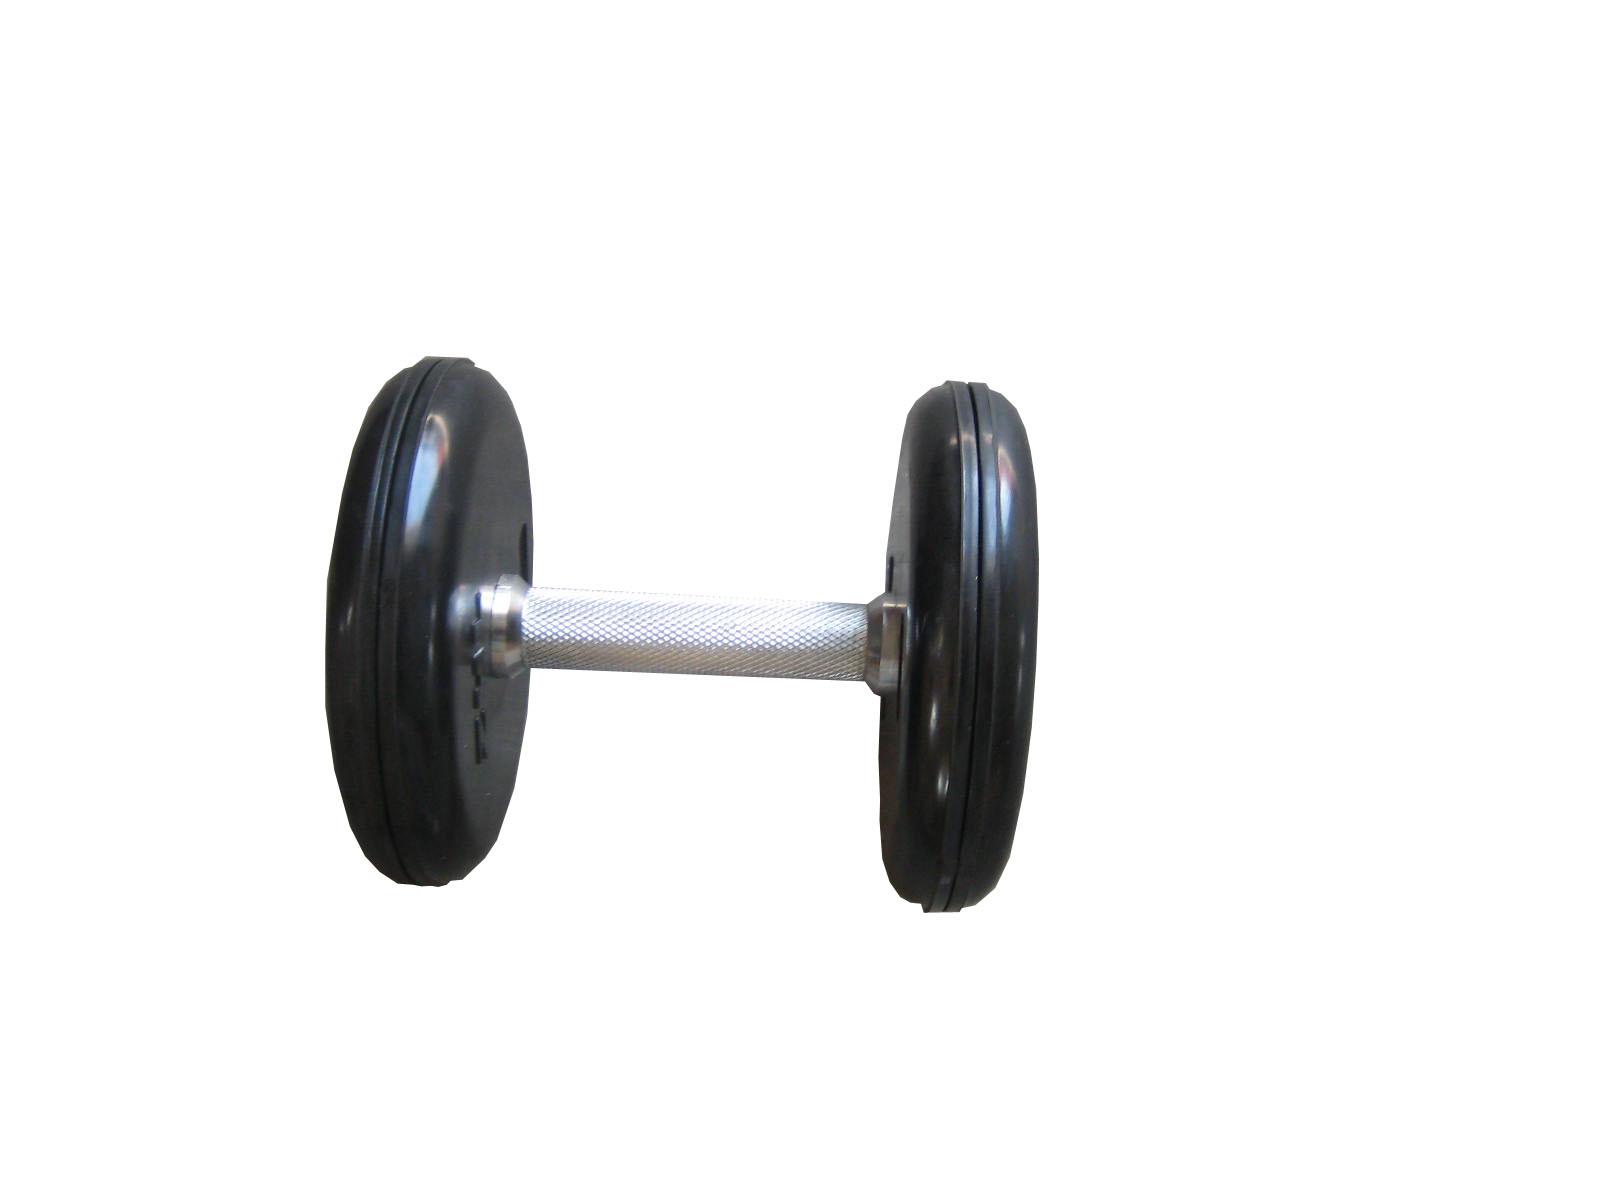 Činky jednoruční pogumované 6kg Jednoručky pogumované 6kg